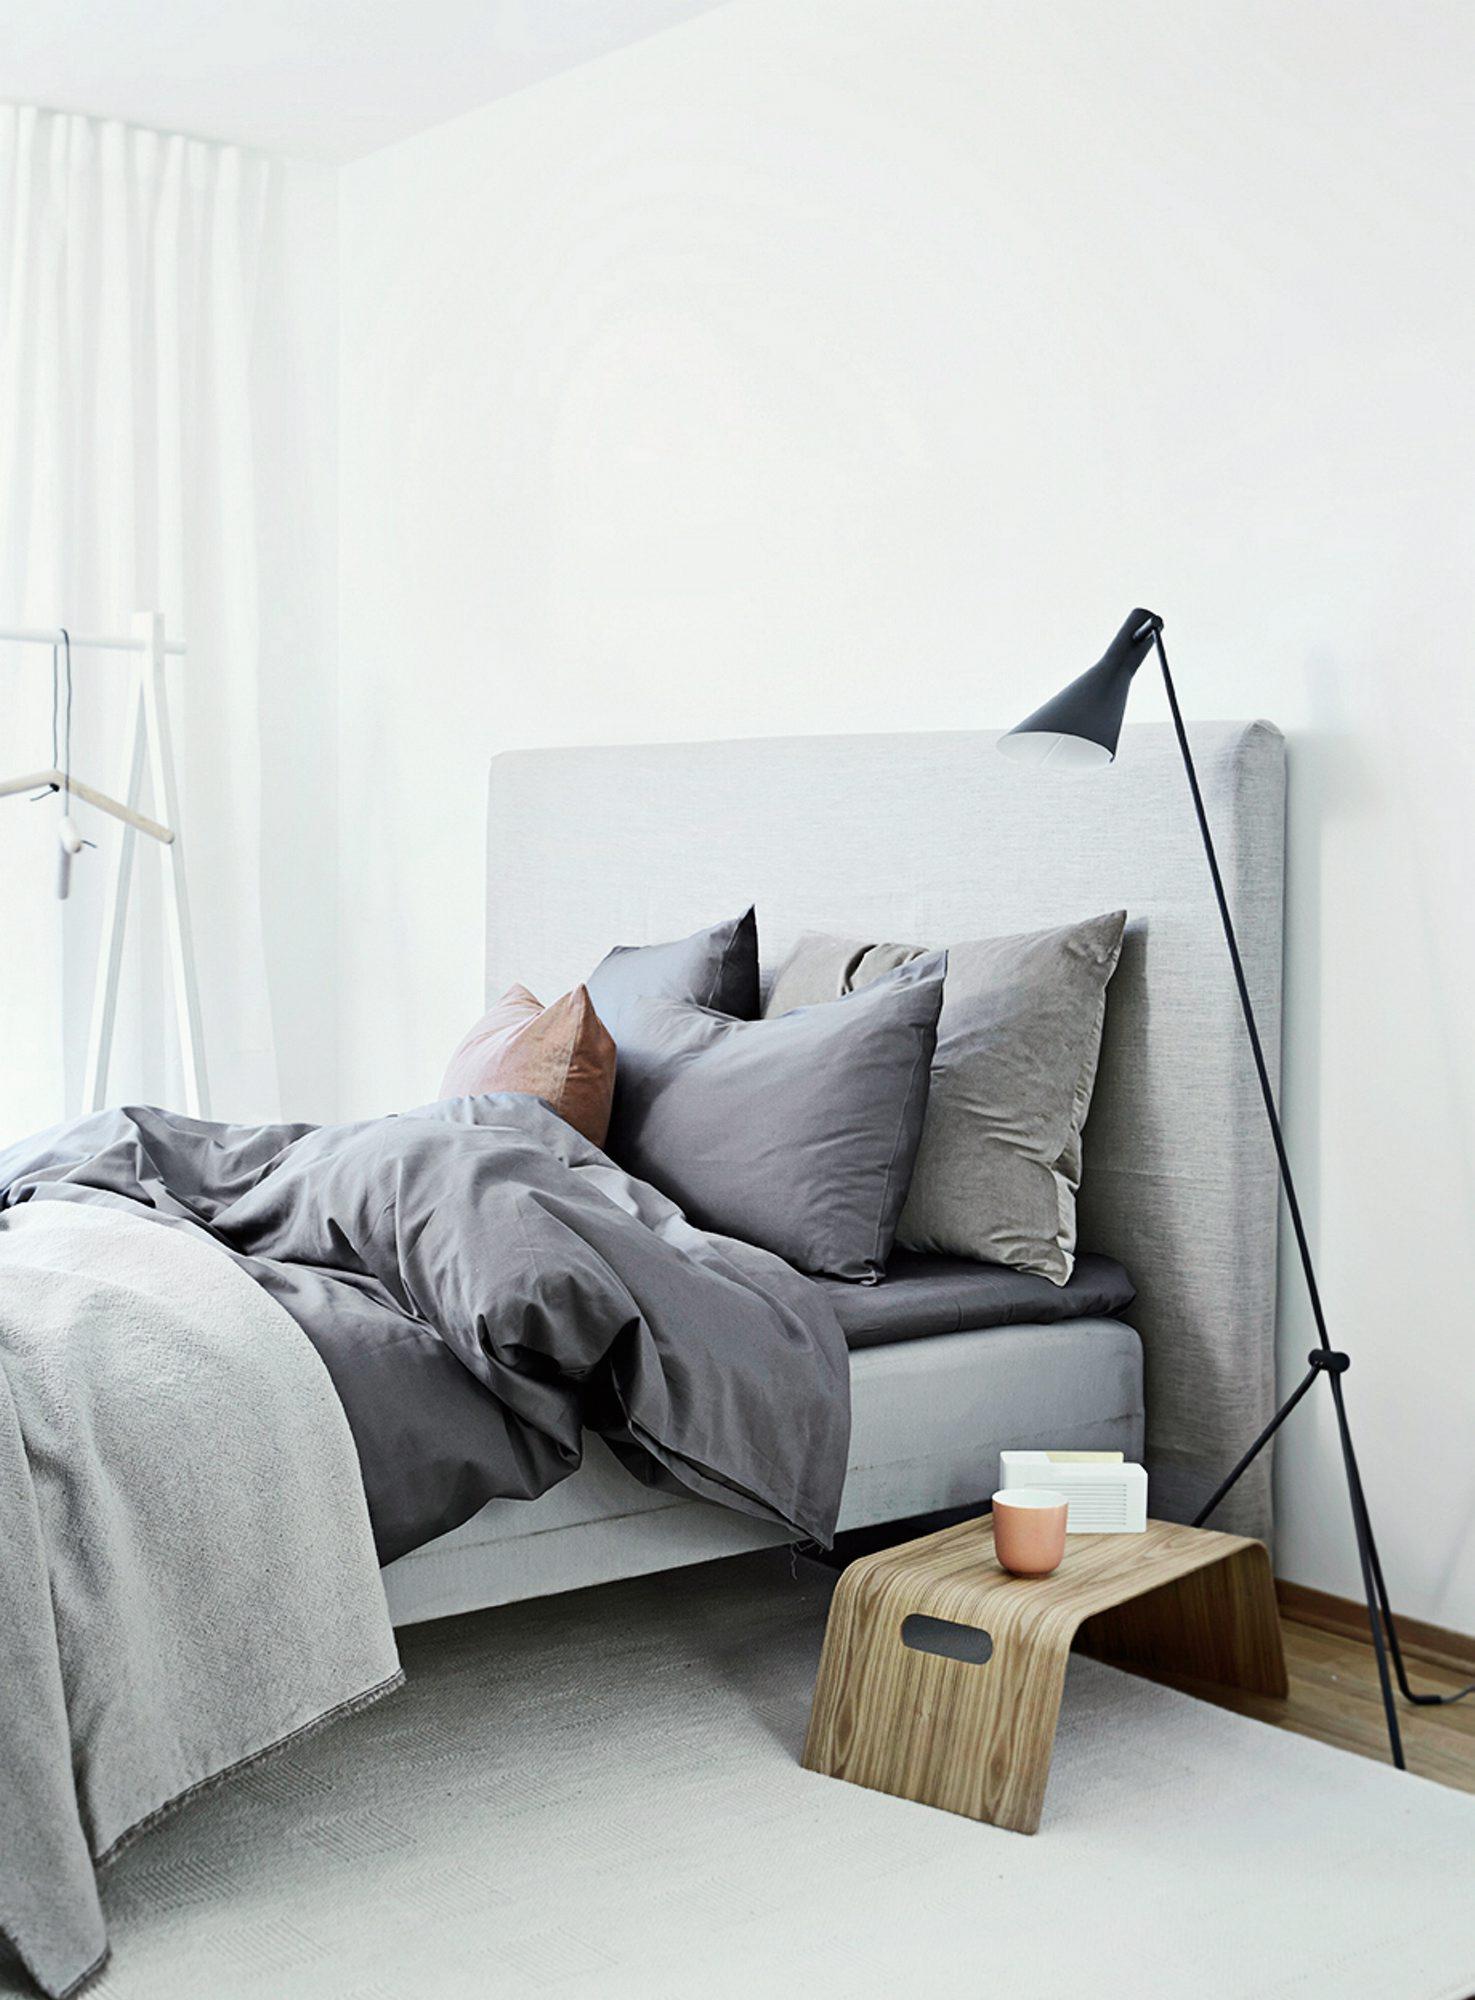 Forskjellige Dette bør du tenke på når du kjøper sengetøy – Rom123 NN-23